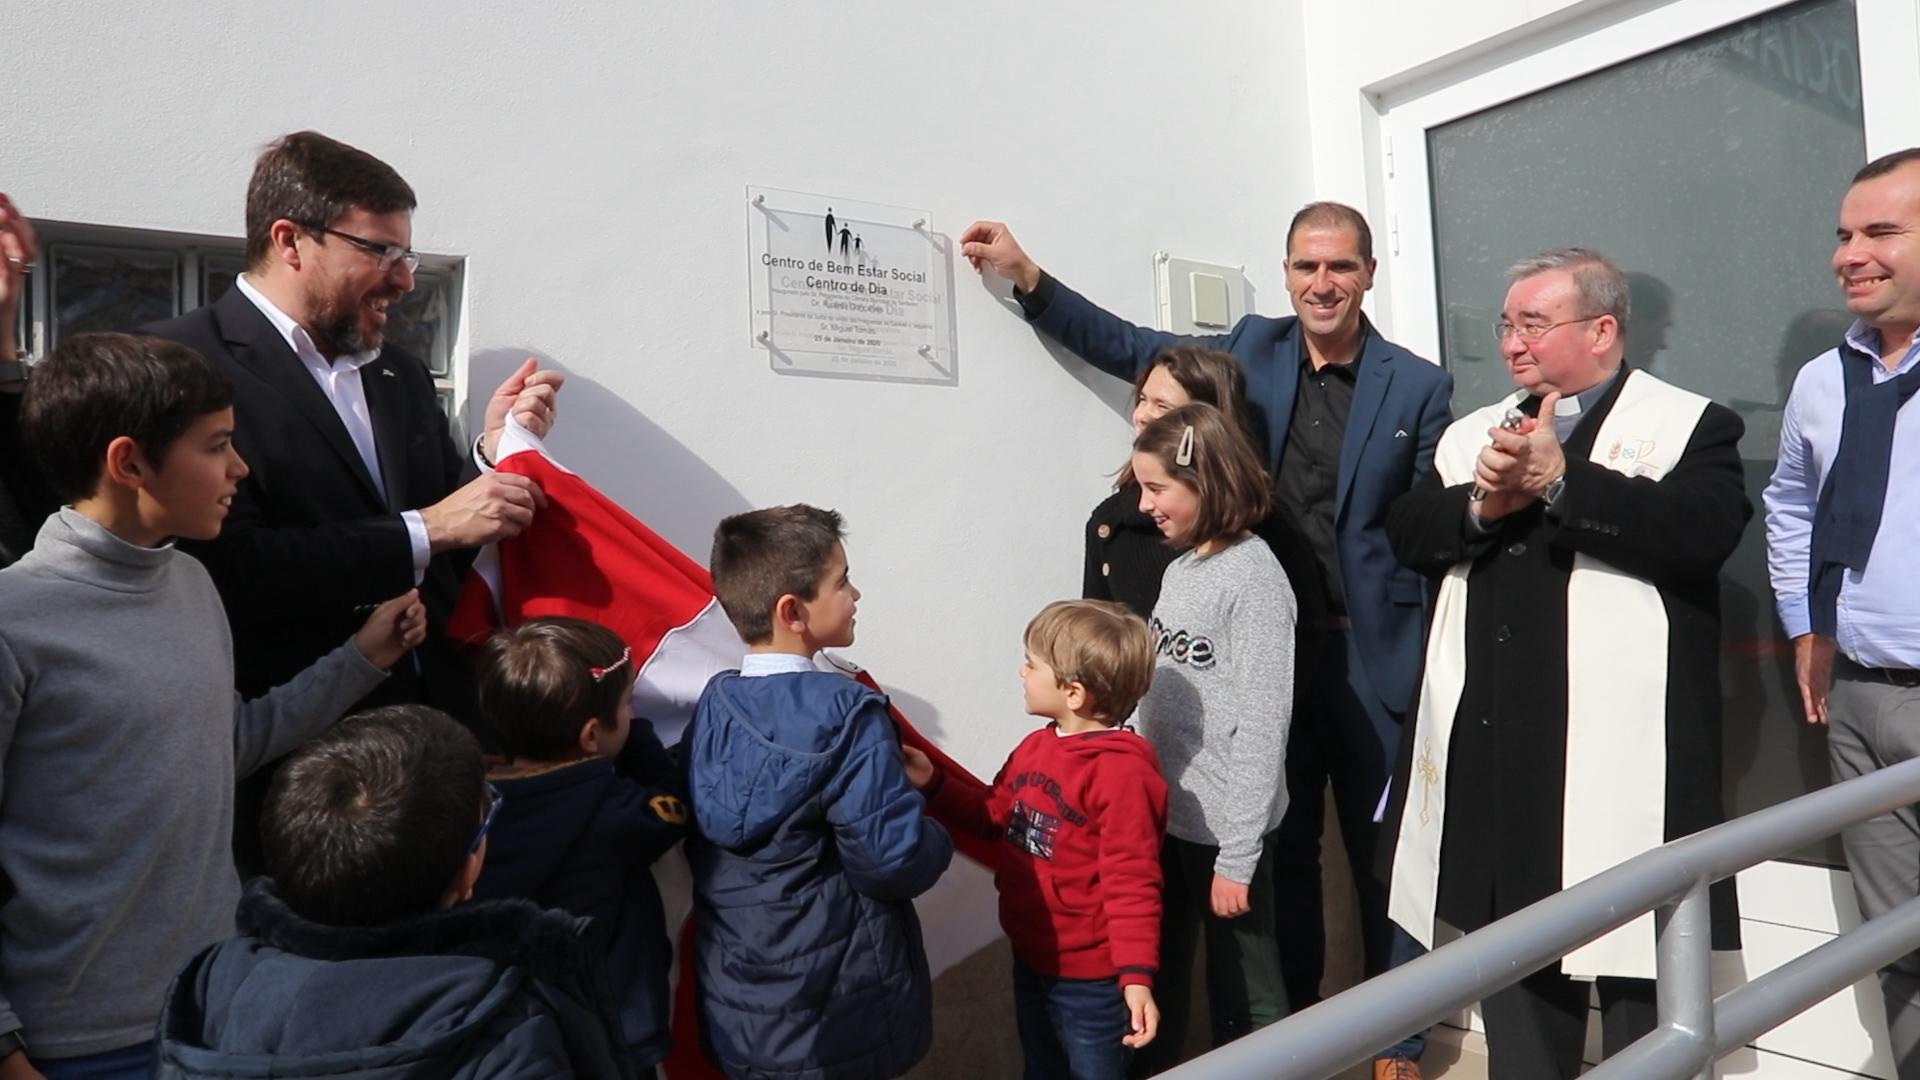 VÍDEO   Casével inaugurou Centro de Bem Estar Social em ambiente de festa